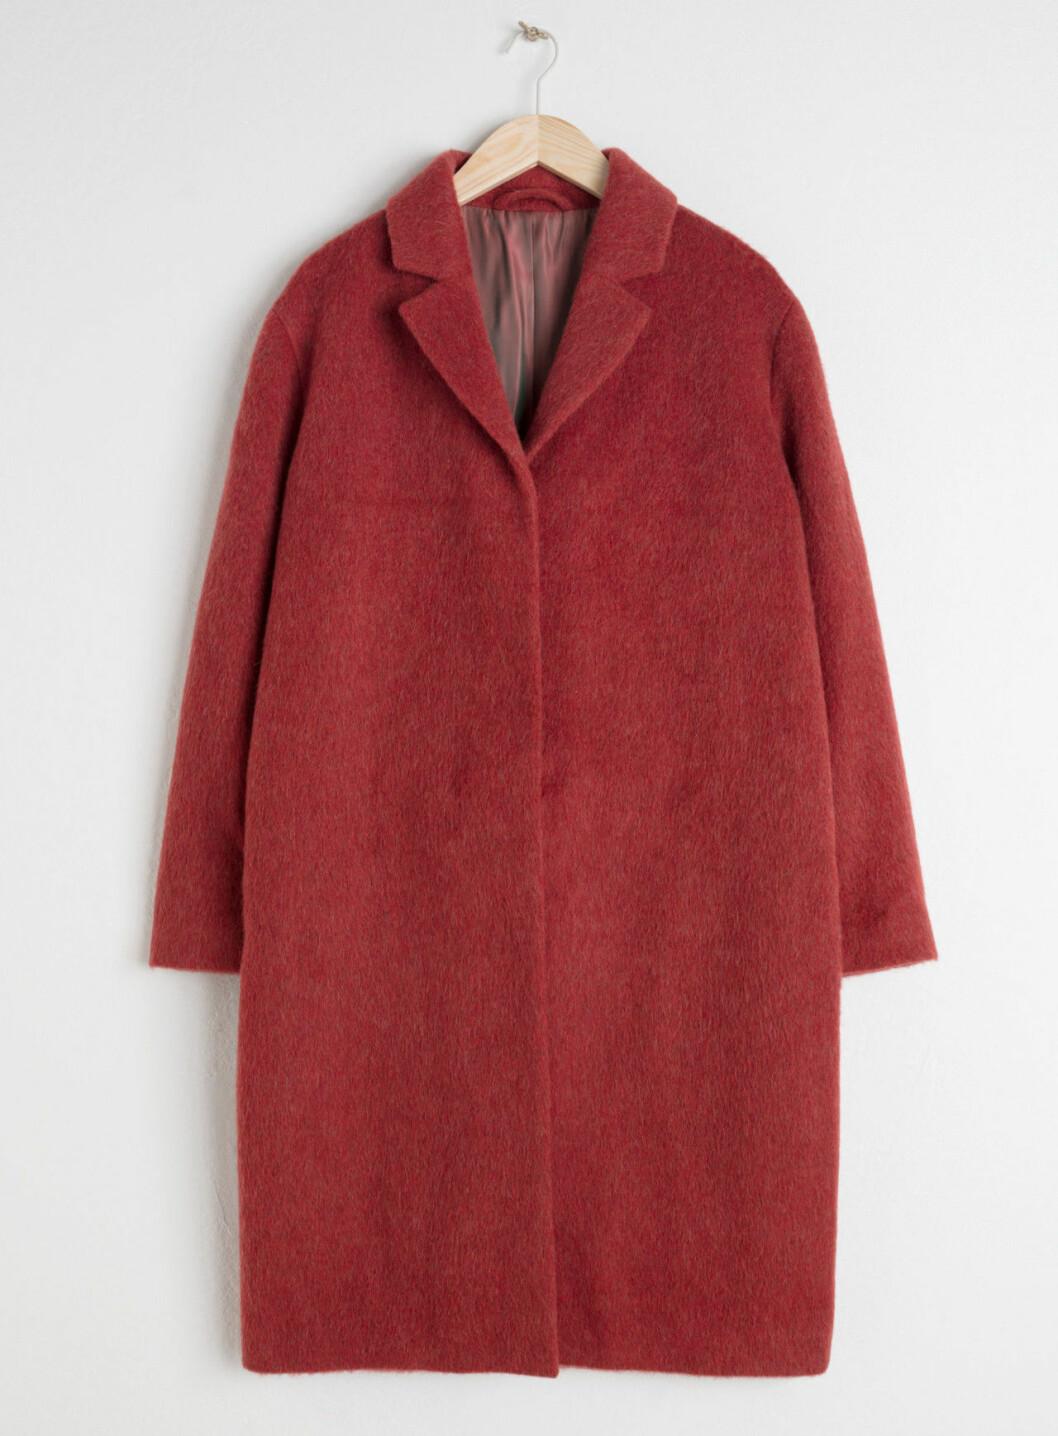 Röd höstkappa i ull